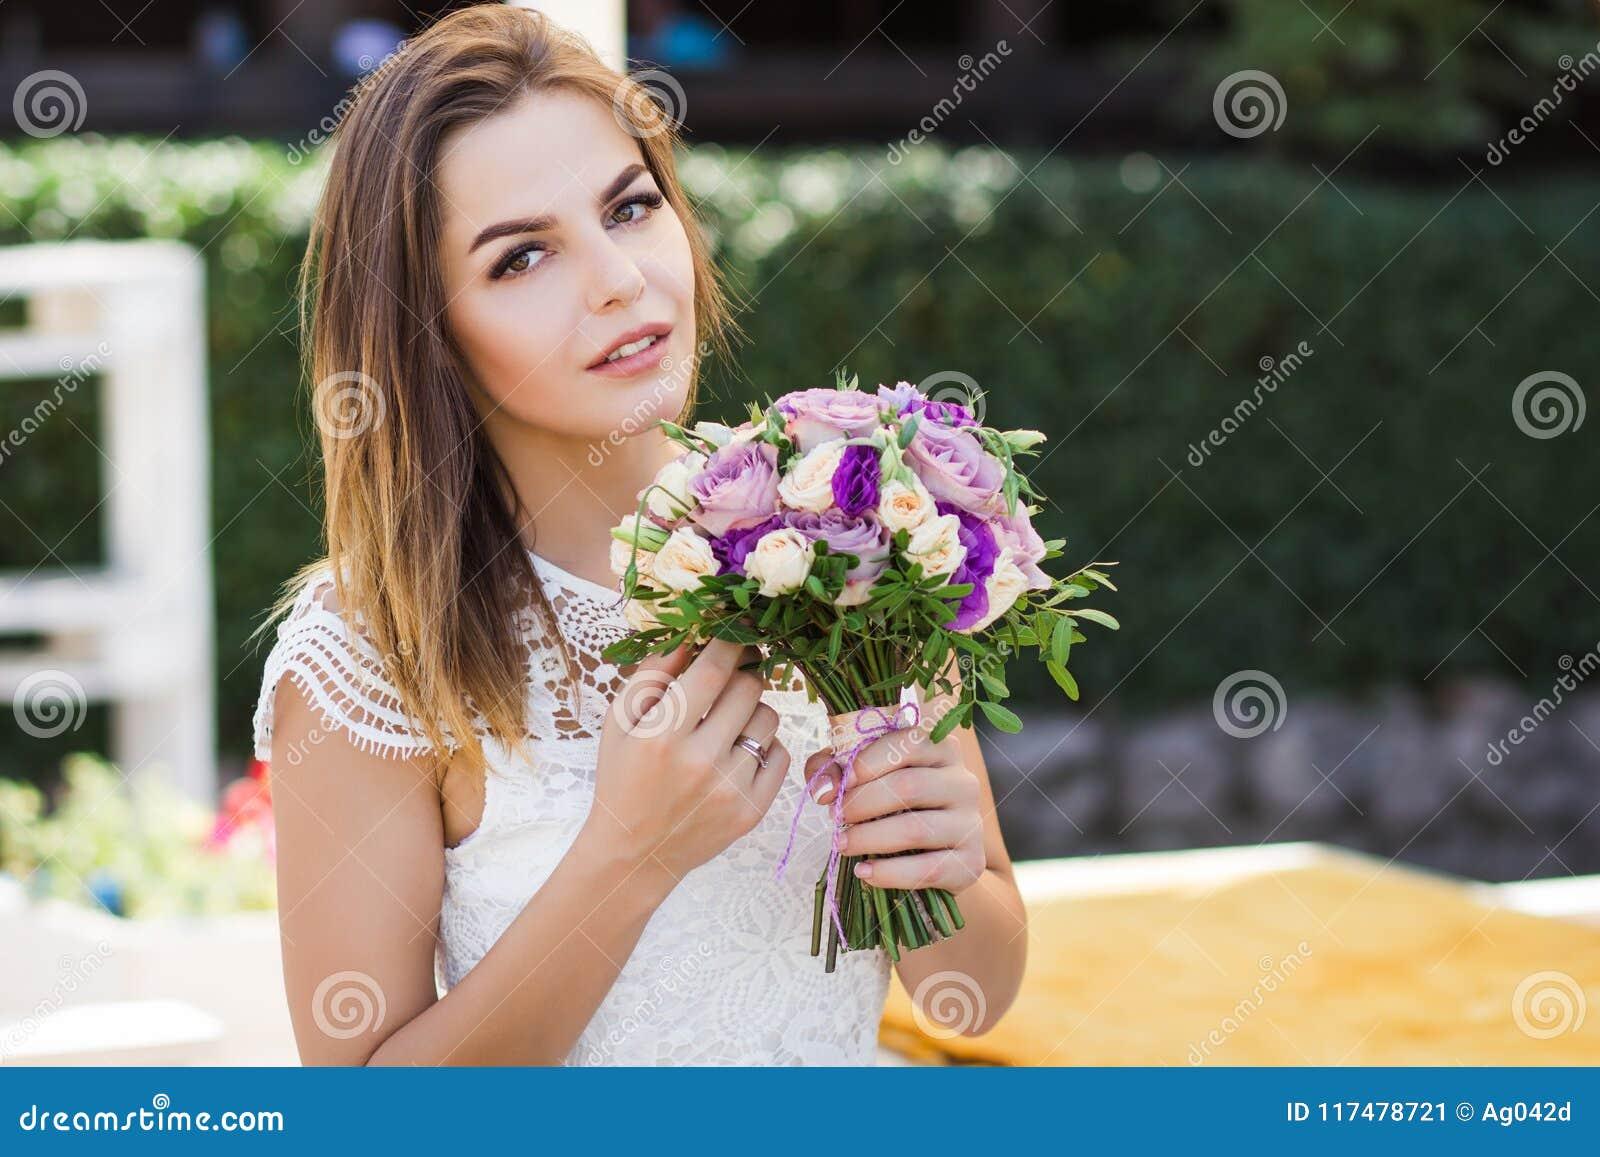 Цветы букет молодой цветы пионы